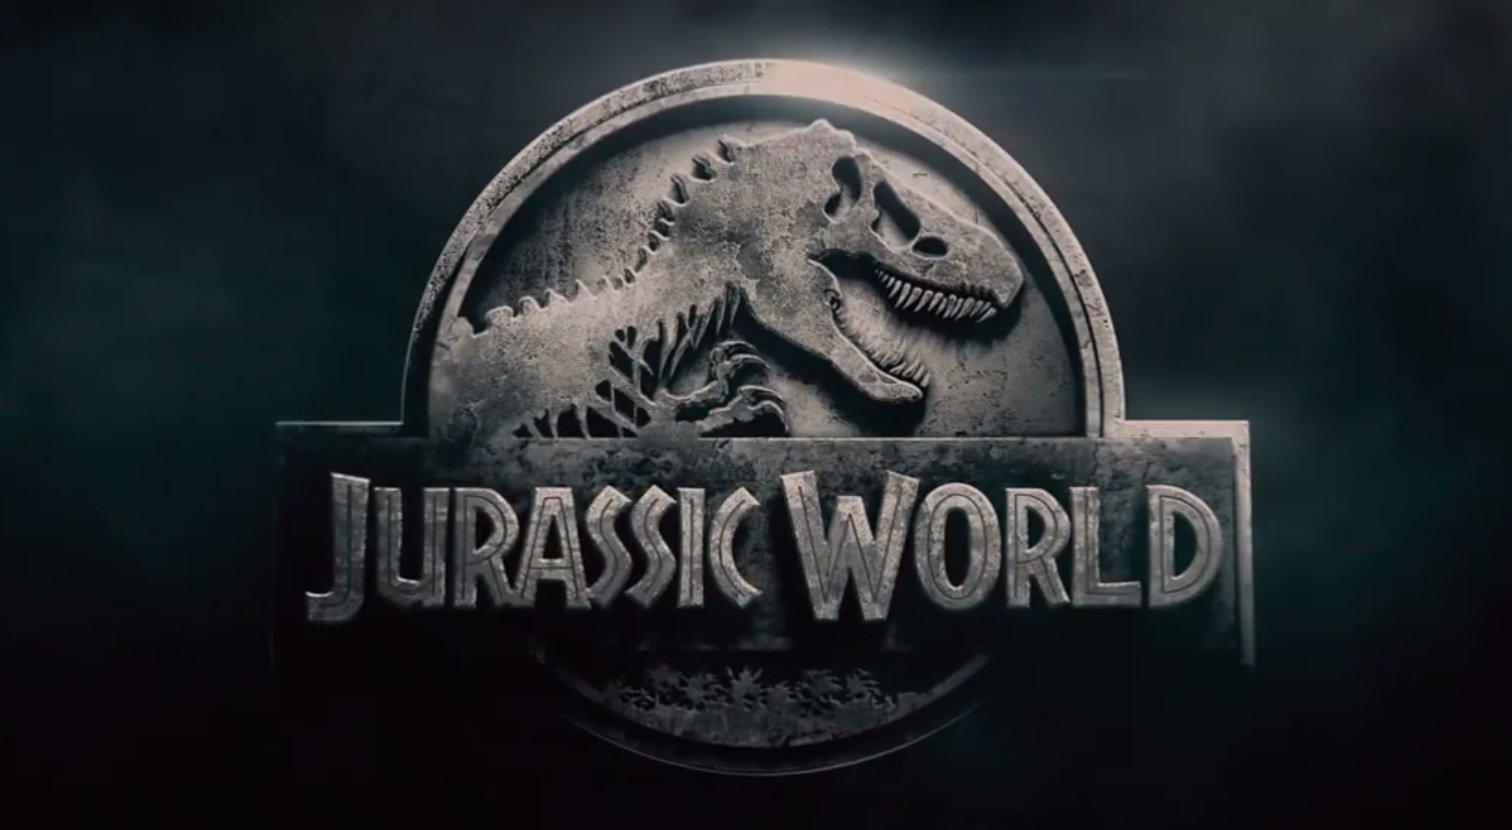 Mercedes GLE Coupe засветился в новом фильме Jurassic World